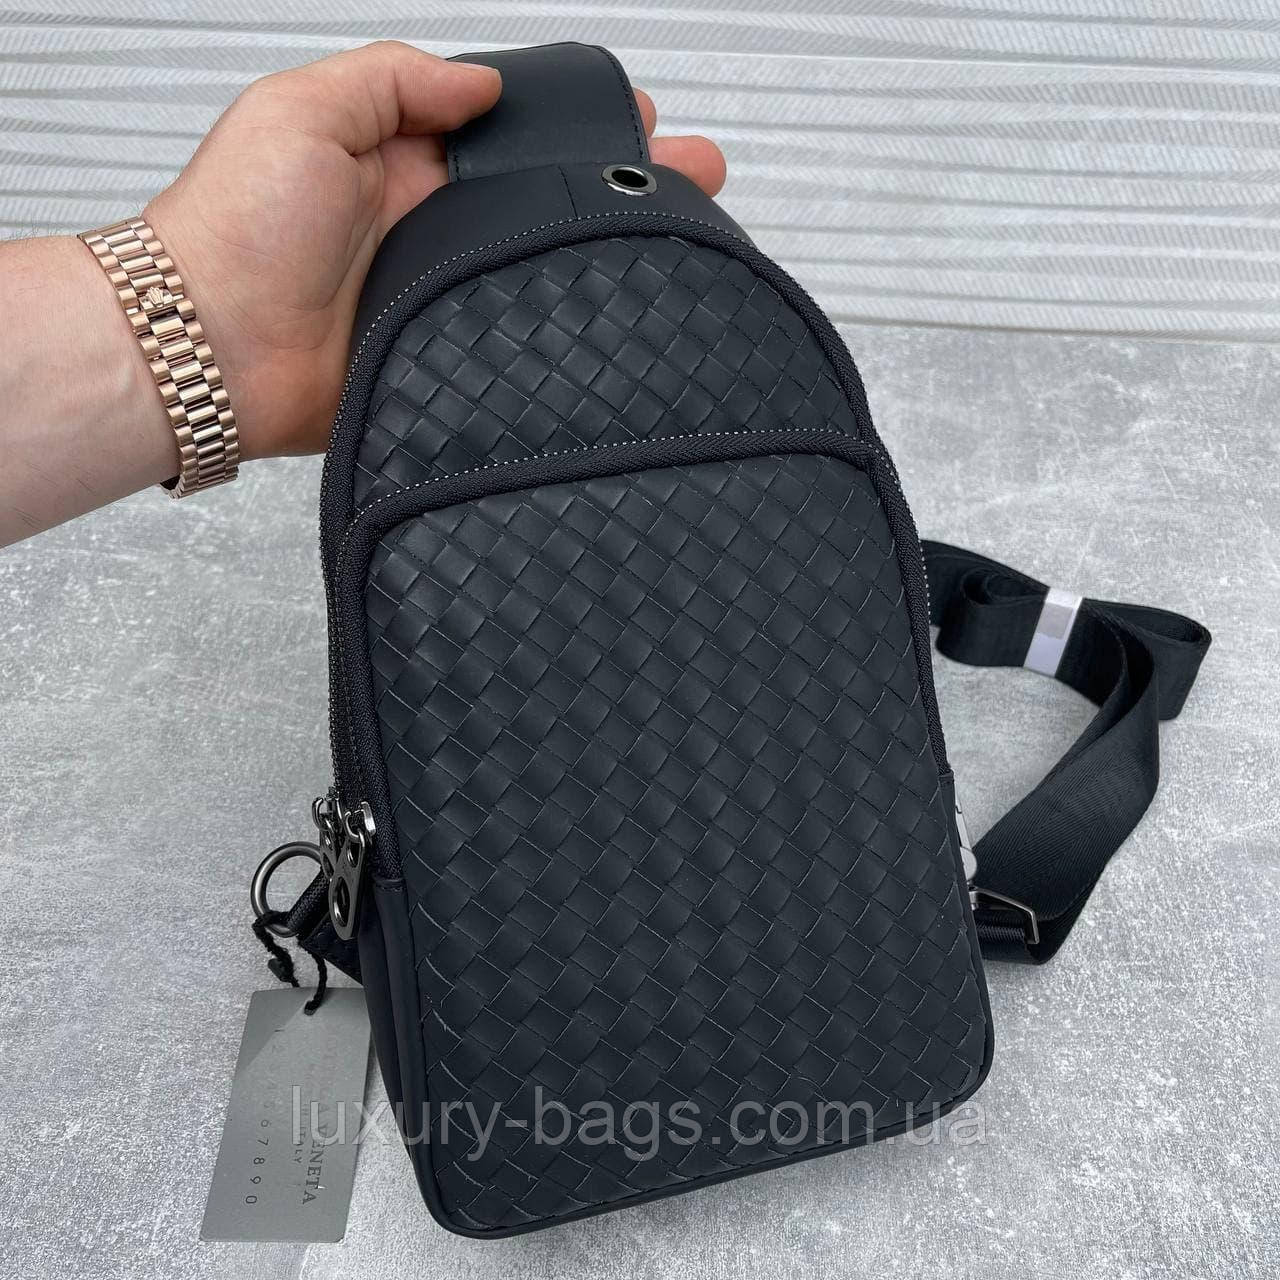 Мужская стильная сумка слинг Bottega Veneta (люкс качество)